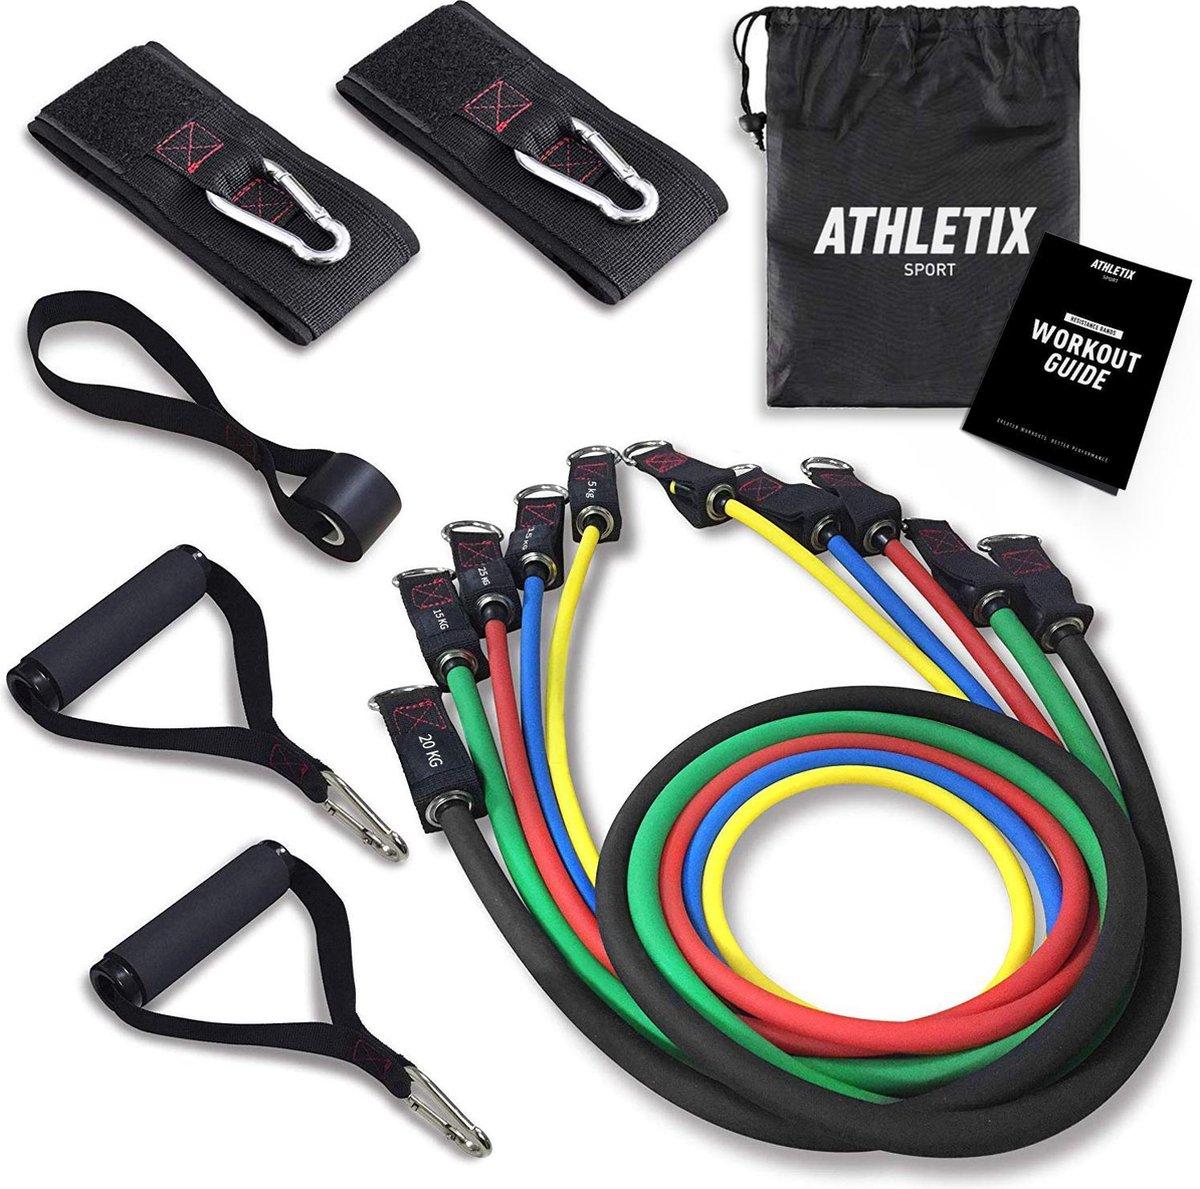 Athletix® - Weerstandsbanden XL Set - Handvaten - Enkelbanden - Gratis Draagtas & Oefeningen - 5 Res